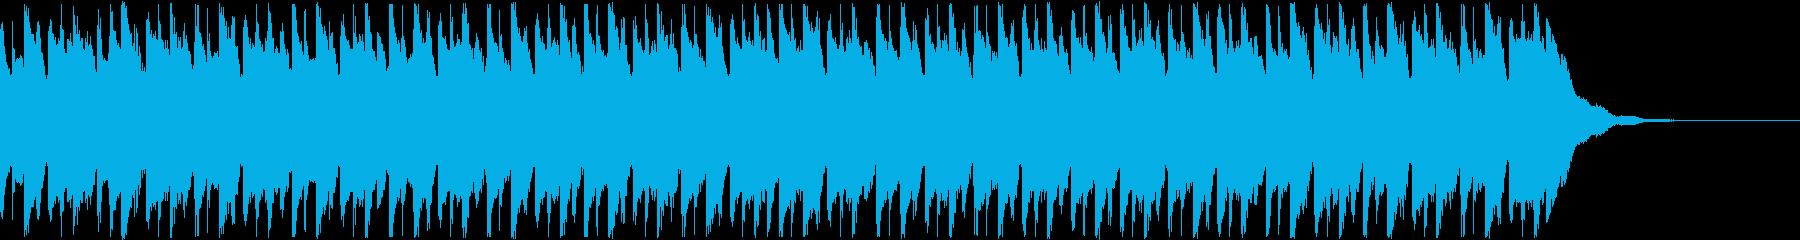 ダーク/ベル/怪しい/迫ってくる/RPGの再生済みの波形